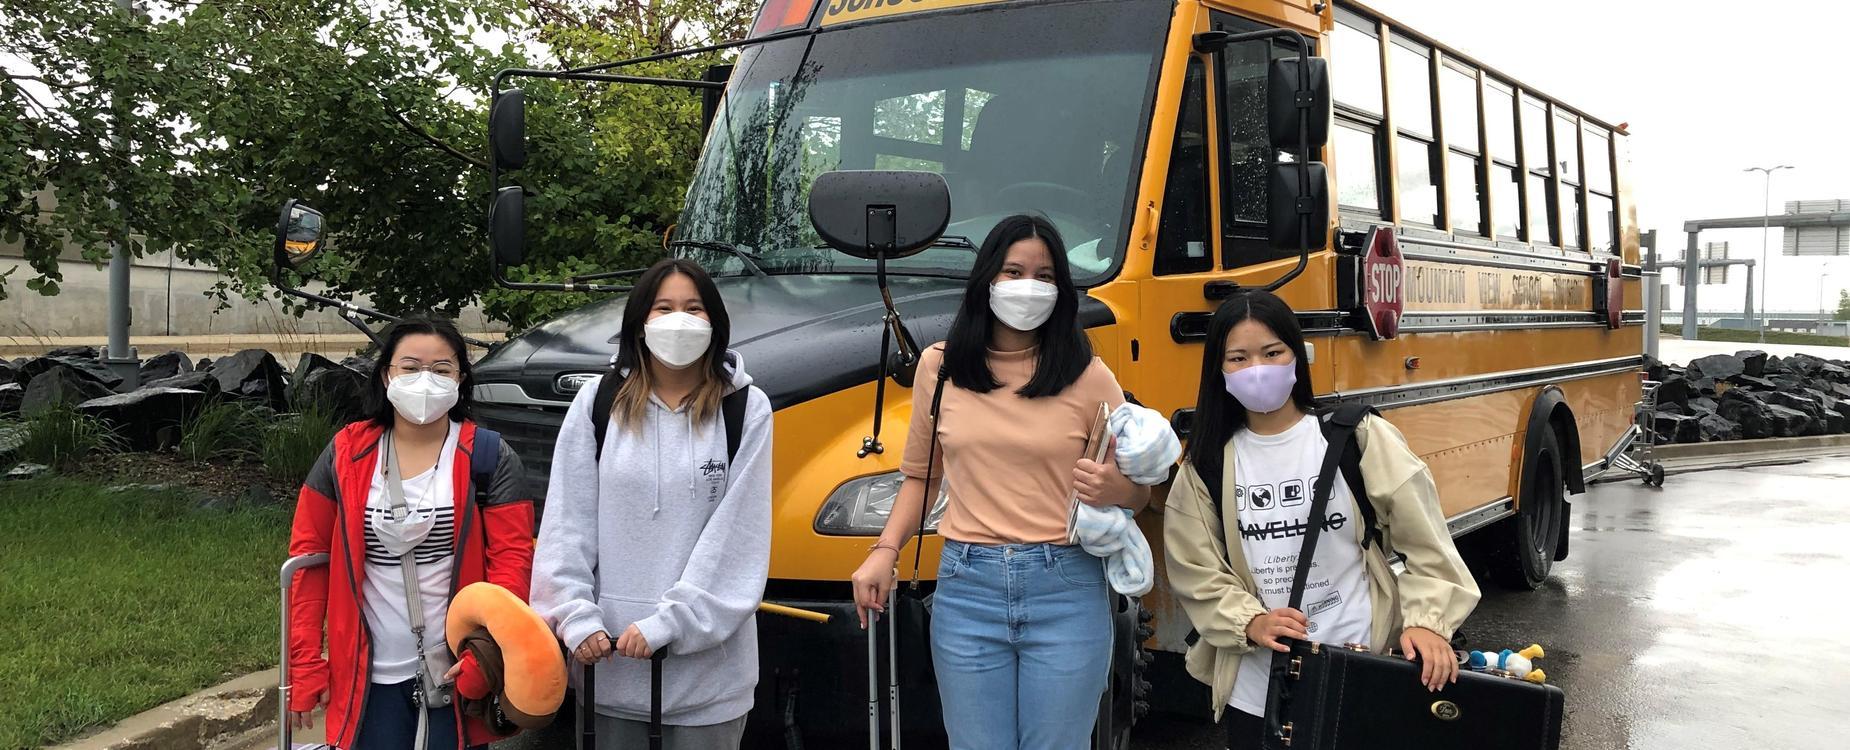 girls posing in front of school bus